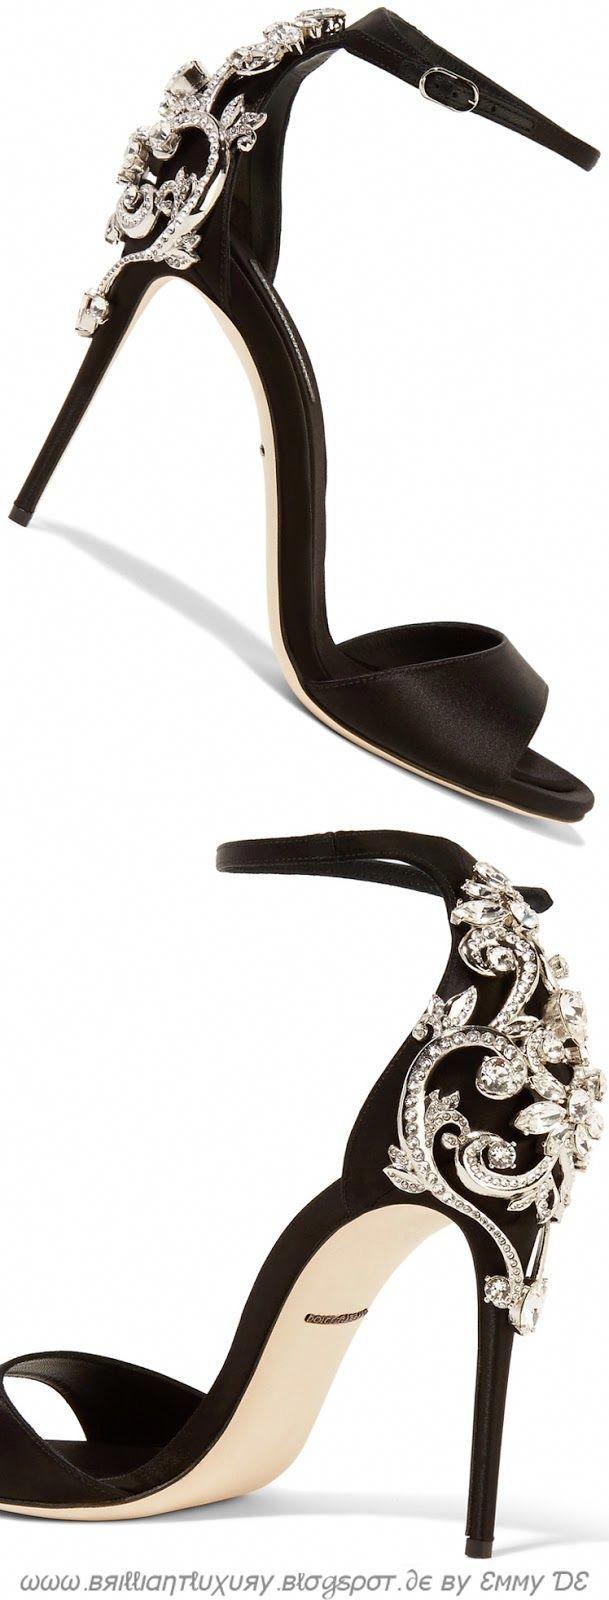 Brilliant Luxury by Emmy DE ♦Dolce & Gabbana #Shoeshighheels